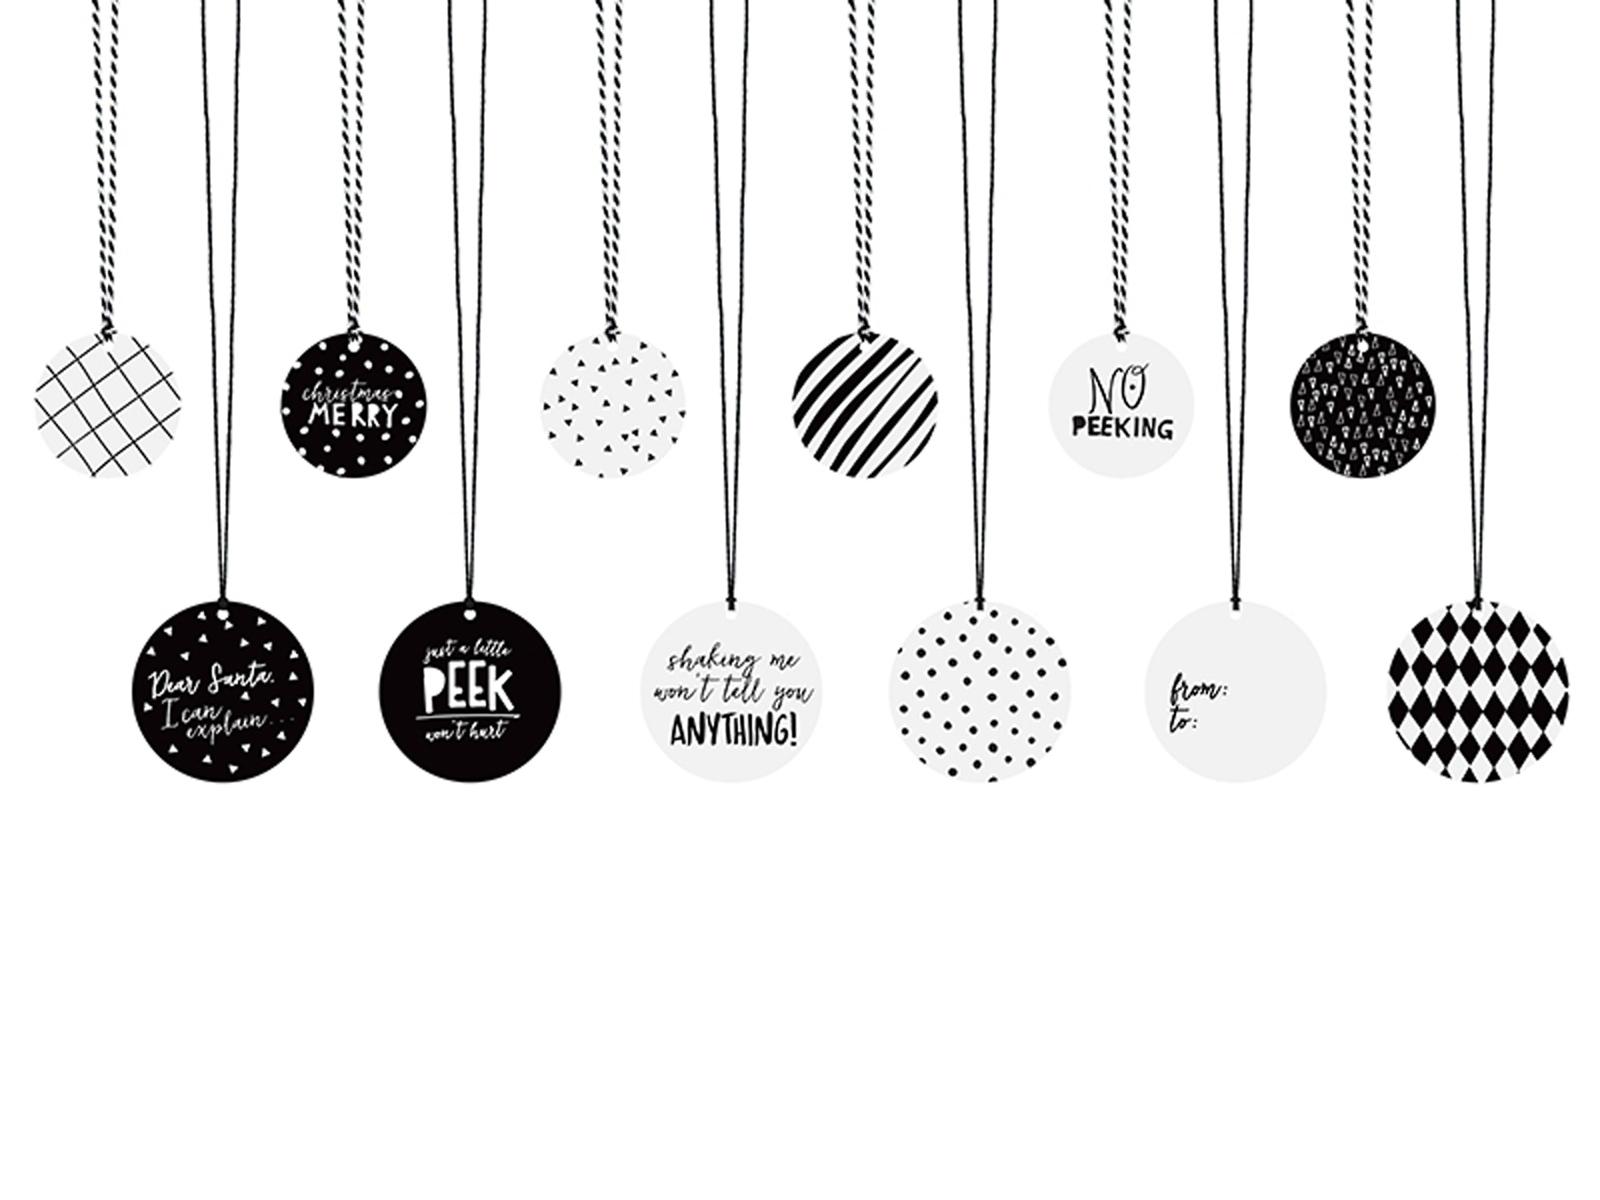 geschenkeanh nger weihnachten schwarz weiss mit kordeln 12 st ck. Black Bedroom Furniture Sets. Home Design Ideas